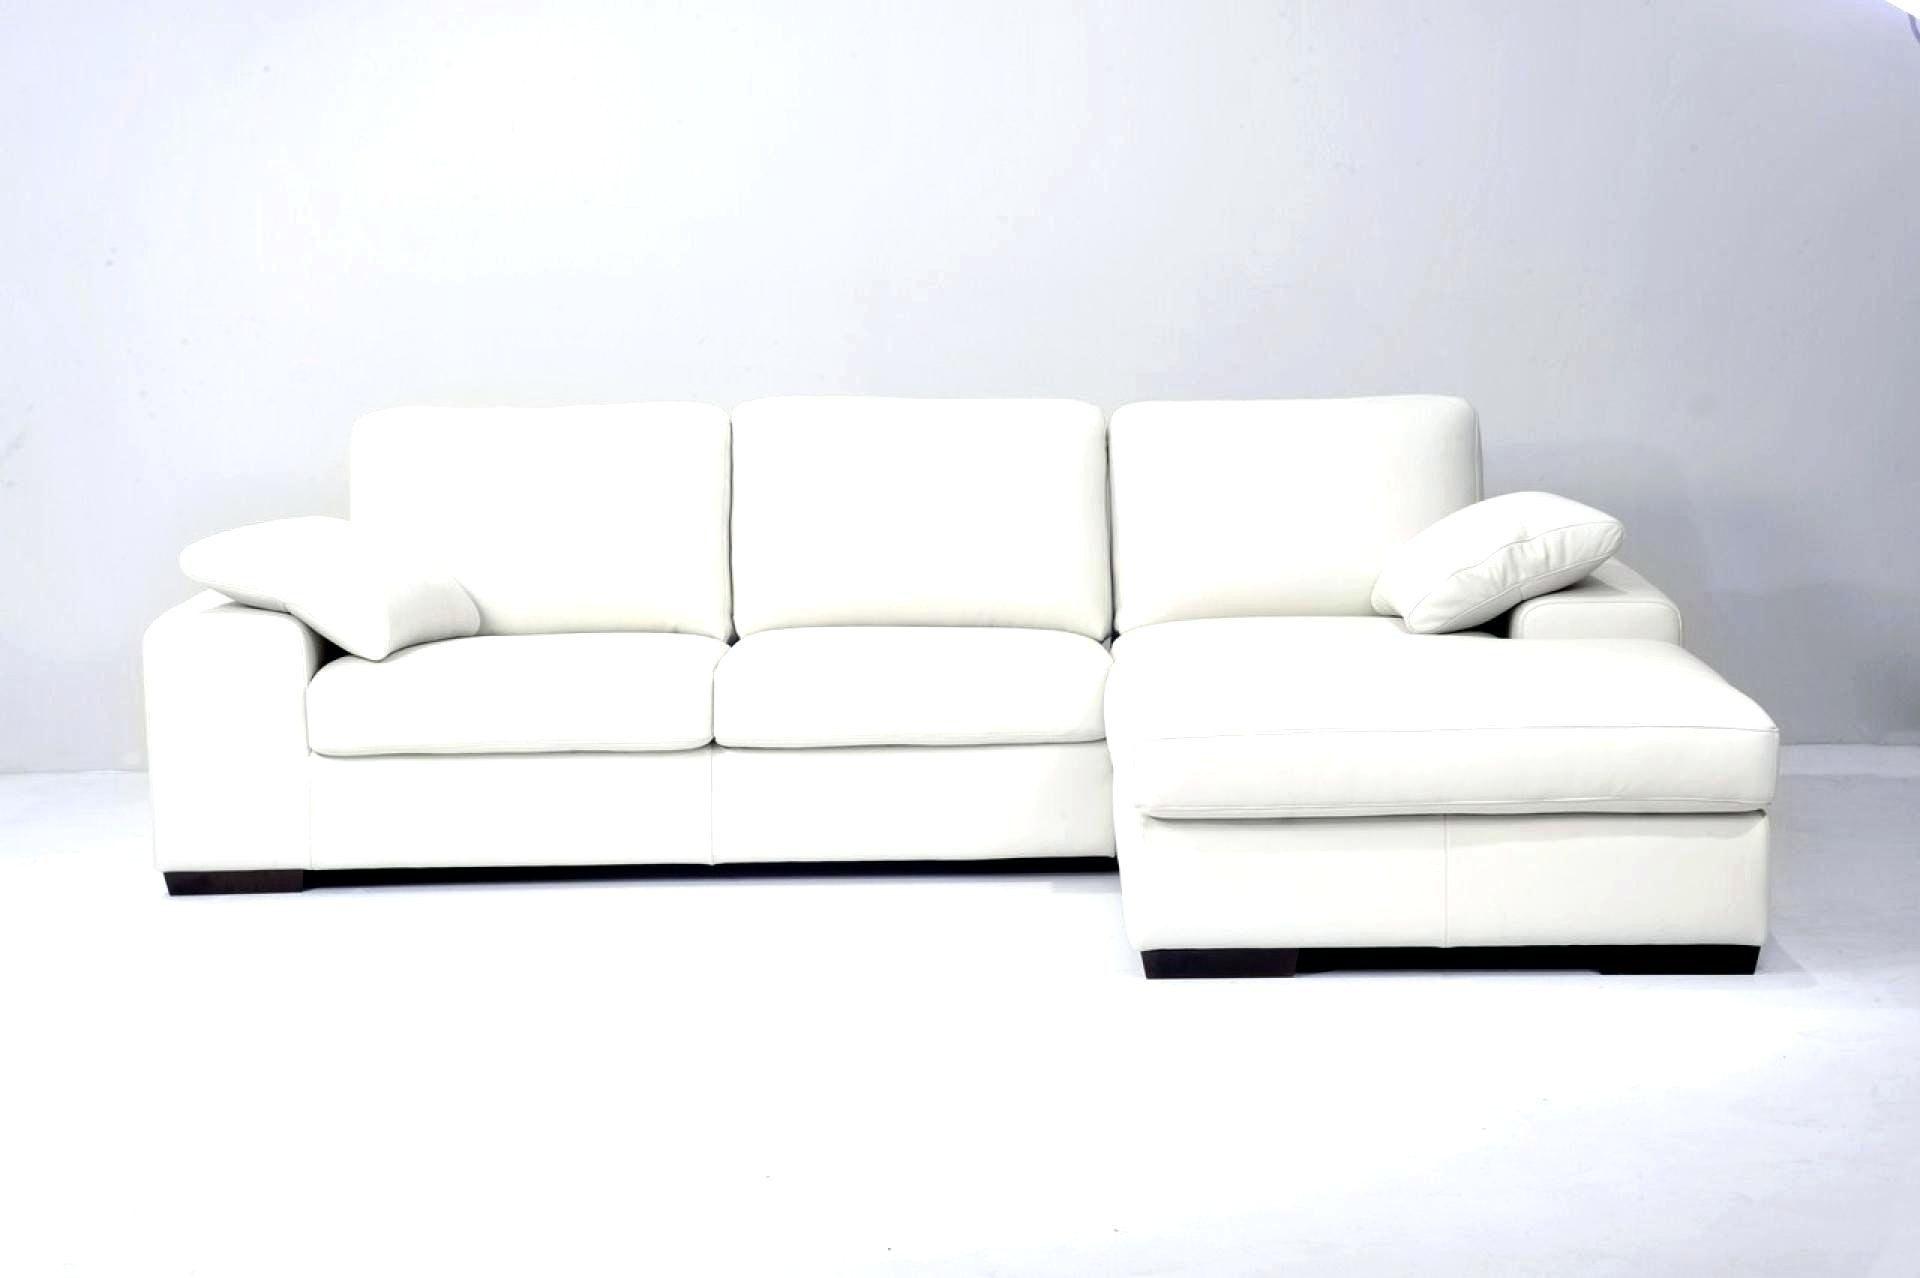 Lit Superposé 2 Places De Luxe Juste Canapé Lit Superposé Et Ikea Canap Lit Ma17 Hemnes Lit